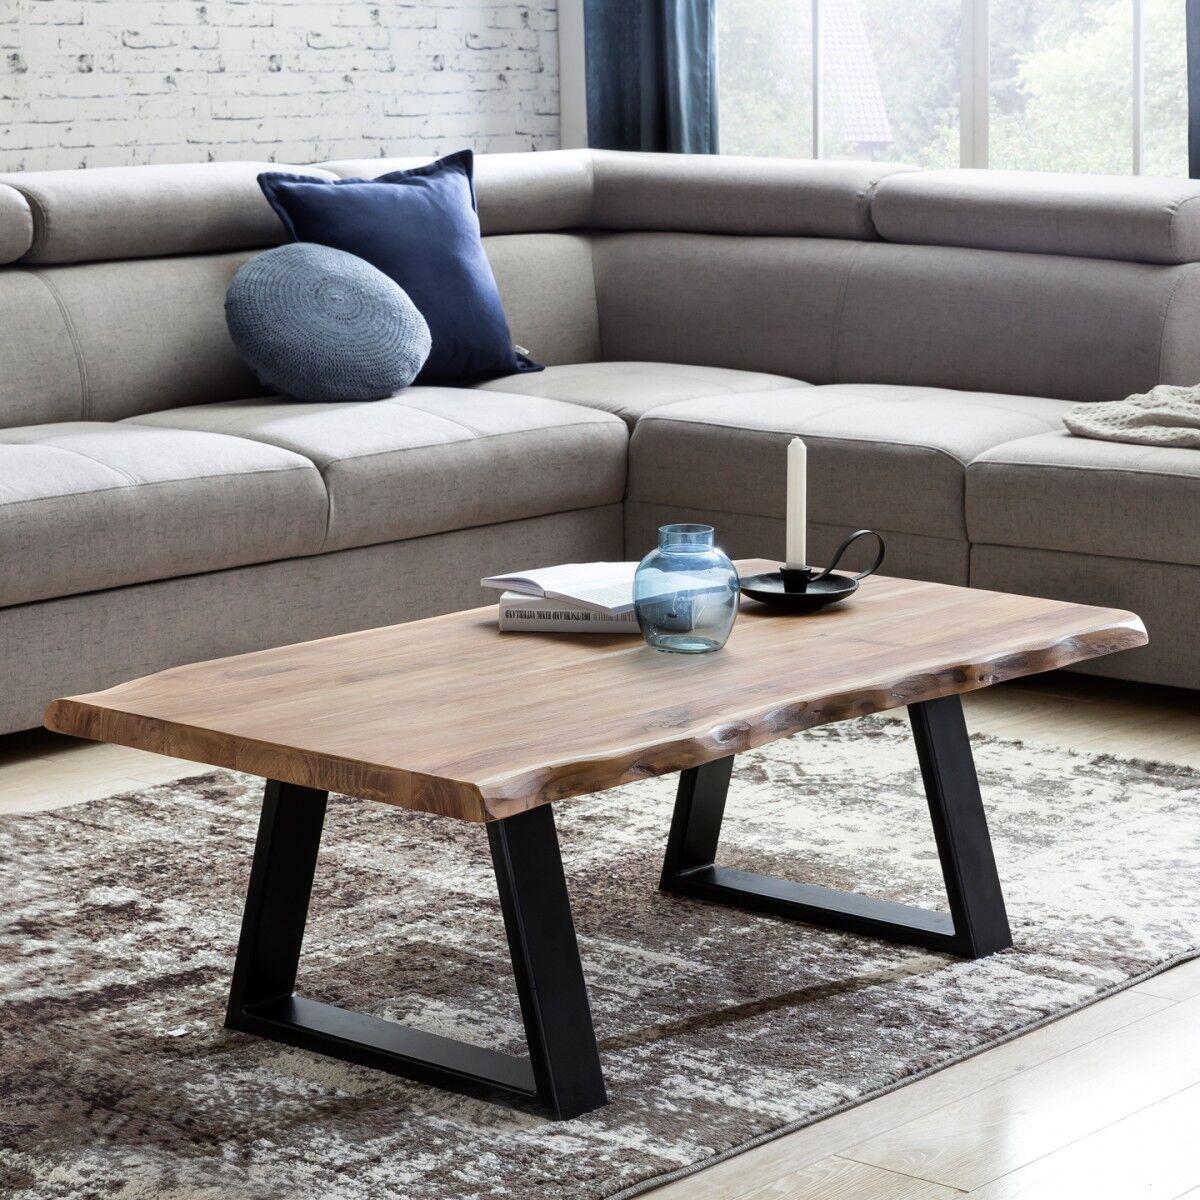 finebuy couchtisch massivholz akazie 115 x 60 cm baumstamm. Black Bedroom Furniture Sets. Home Design Ideas